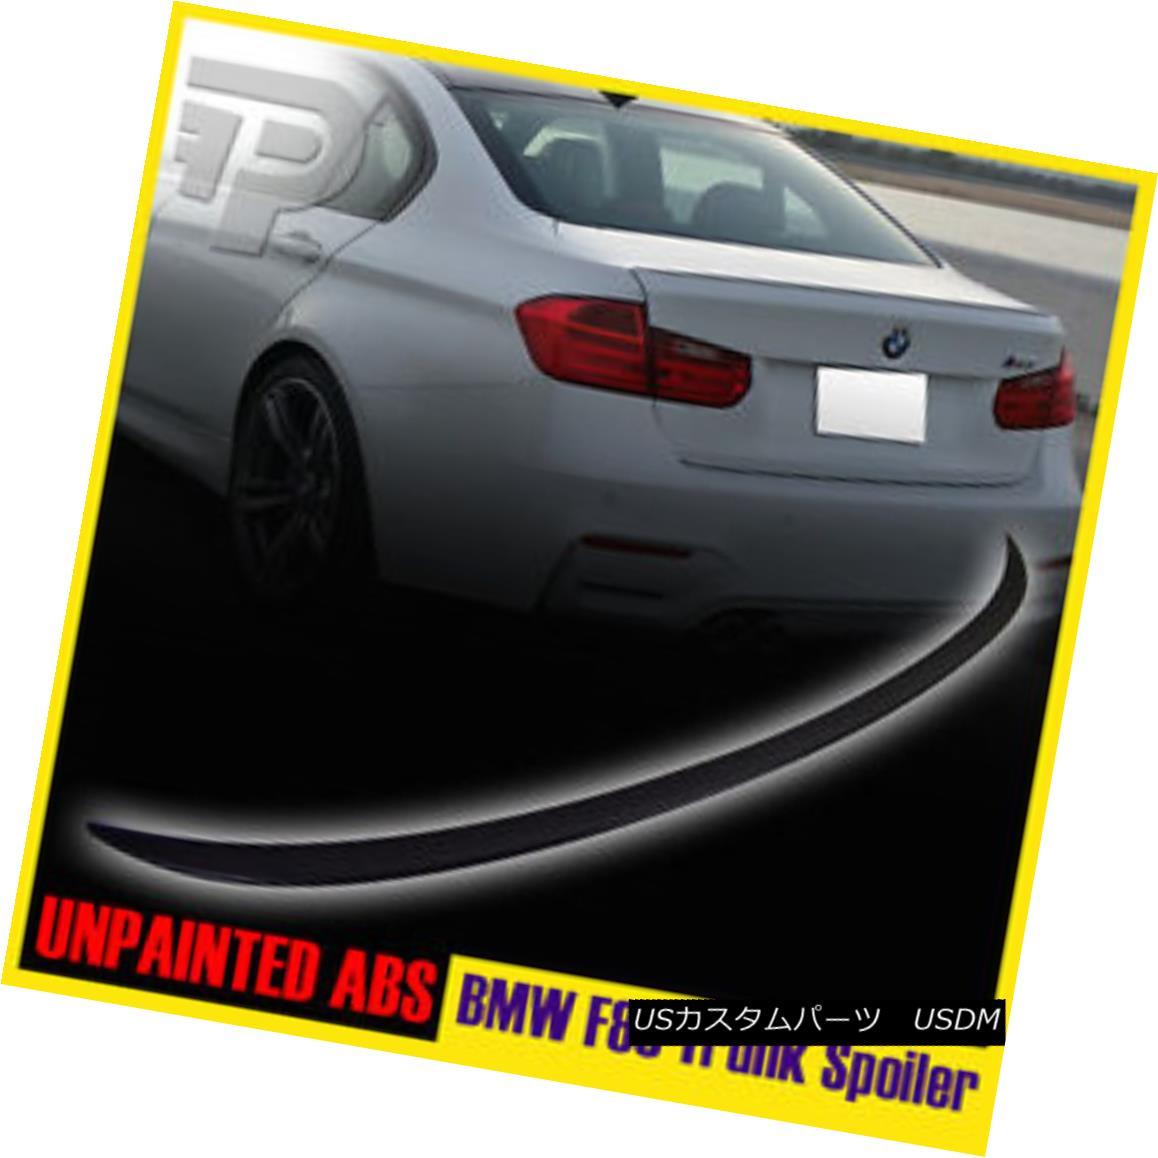 エアロパーツ UNPAINTED BMW 3-SERIES F80 M3 TYPE REAR BOOT LIP TRUNK SPOILER WING 14-15 ▼ 未装着BMW 3シリーズF80 M3タイプリアブーツリップトランクスポイラーウイング14-15?